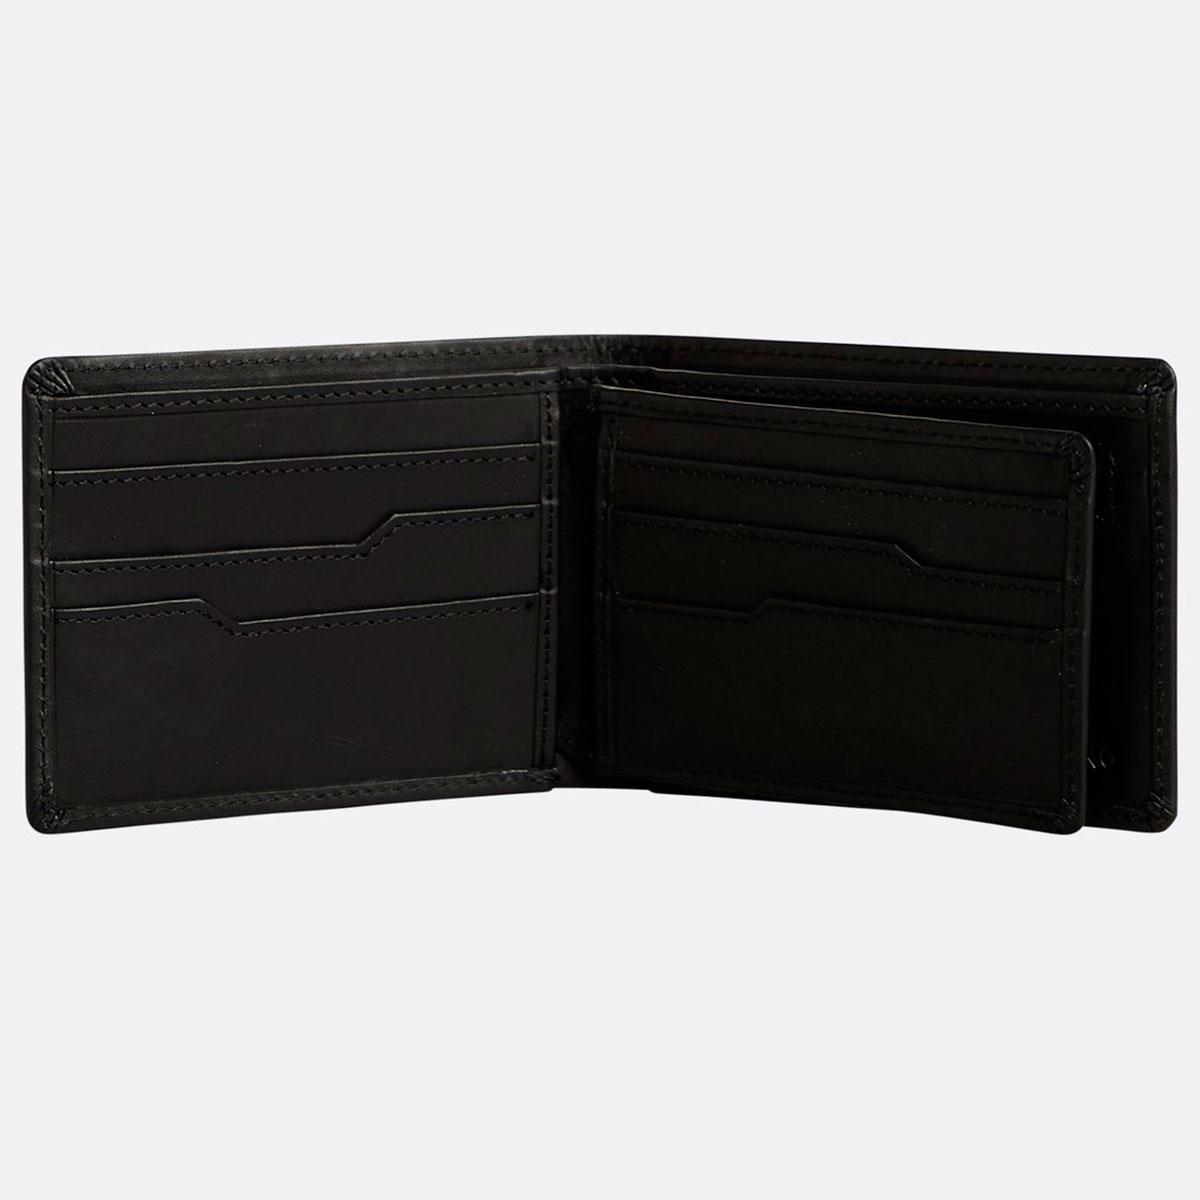 Кошелек Billabong Vacant Leather Black Чёрный